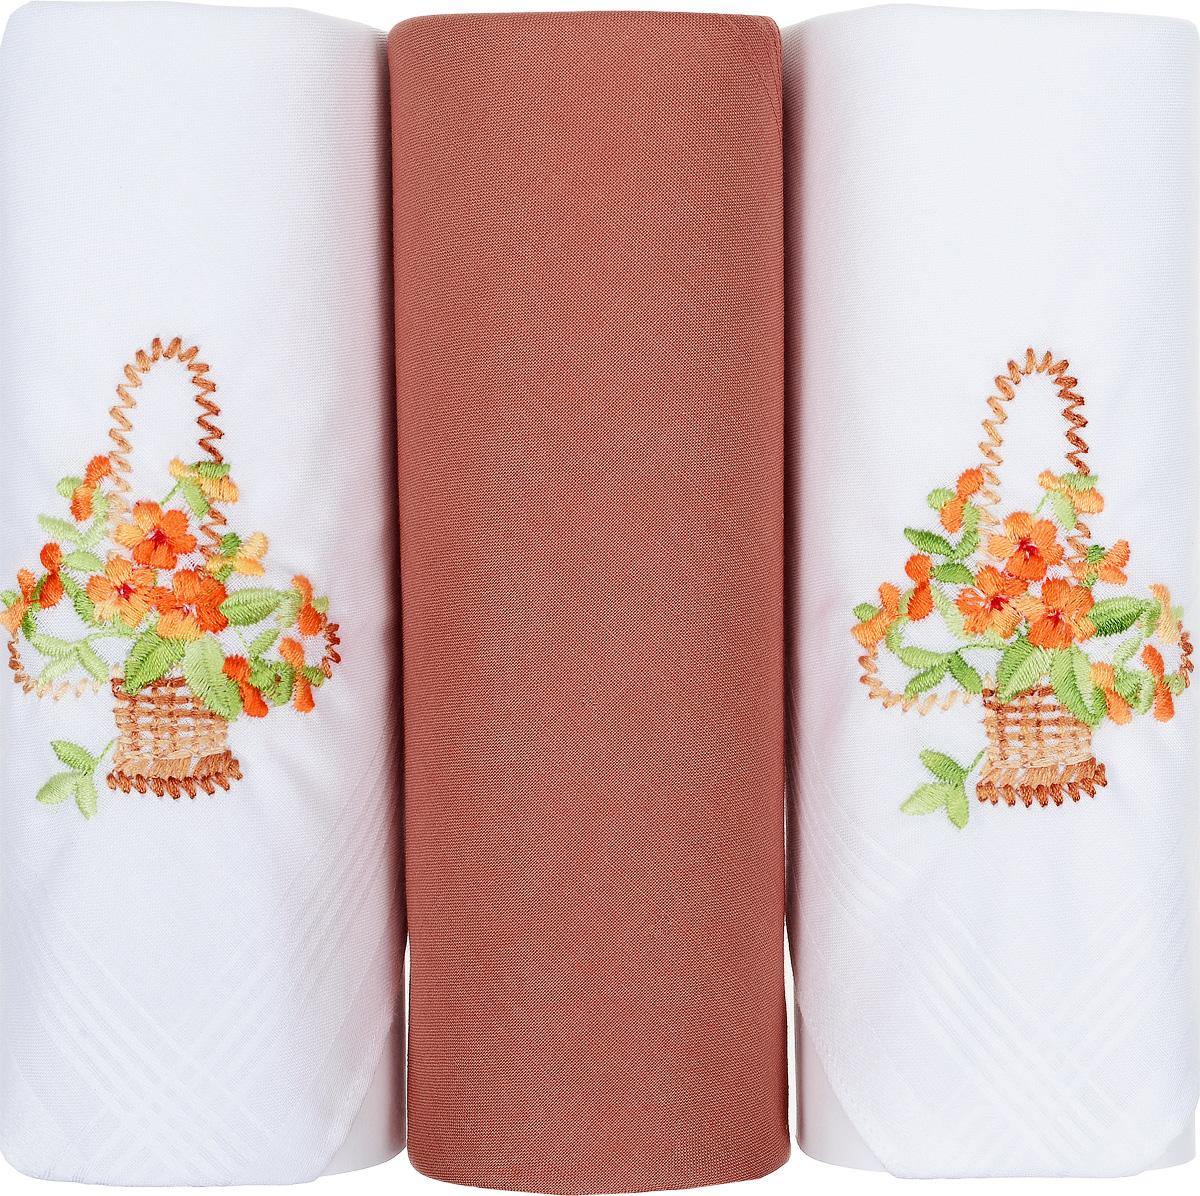 Платок носовой женский Zlata Korunka, цвет: белый, оранжевый, 3 шт. 25605-15. Размер 30 см х 30 смСерьги с подвескамиНебольшой женский носовой платок Zlata Korunka изготовлен из высококачественного натурального хлопка, благодаря чему приятен в использовании, хорошо стирается, не садится и отлично впитывает влагу. Практичный и изящный носовой платок будет незаменим в повседневной жизни любого современного человека. Такой платок послужит стильным аксессуаром и подчеркнет ваше превосходное чувство вкуса.В комплекте 3 платка.